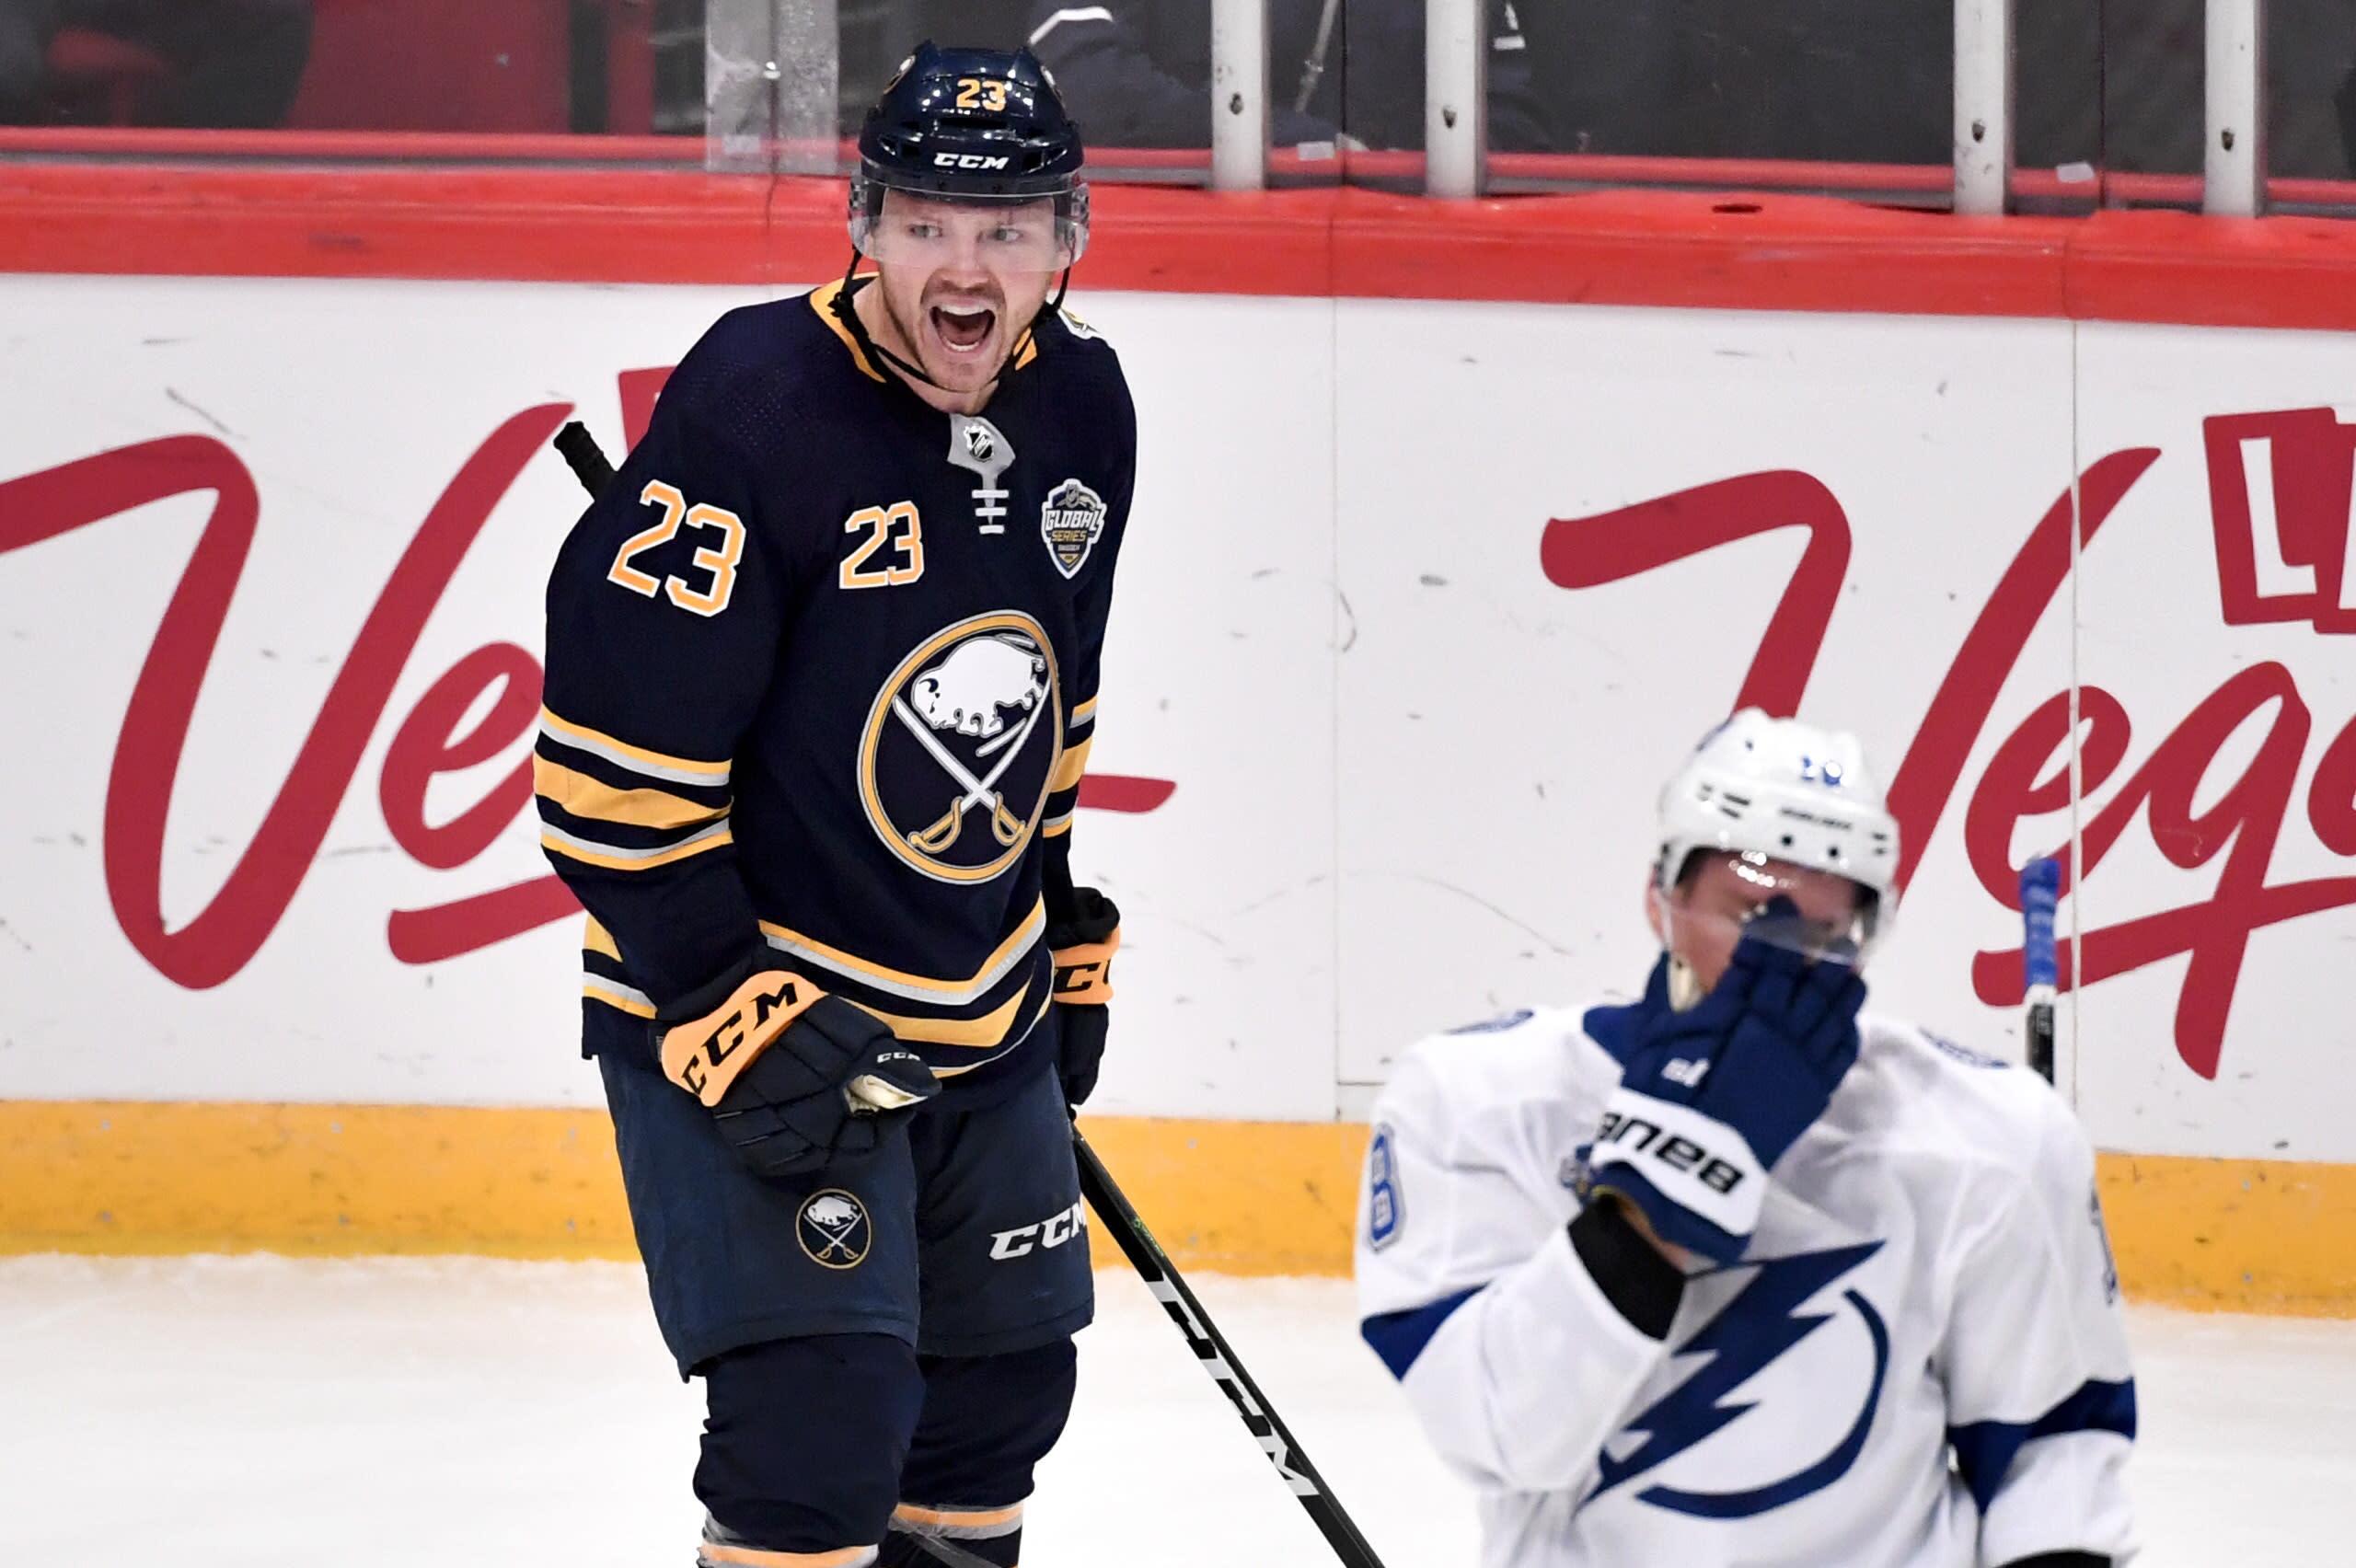 Buffalo Sabres' Sam Reinhart (23) celebrates his goal against the Tampa Bay Lightning during an NHL hockey game in Globen Arena, Stockholm Sweden. Friday. Nov. 8, 2019. (Anders Wiklund/TT via AP)